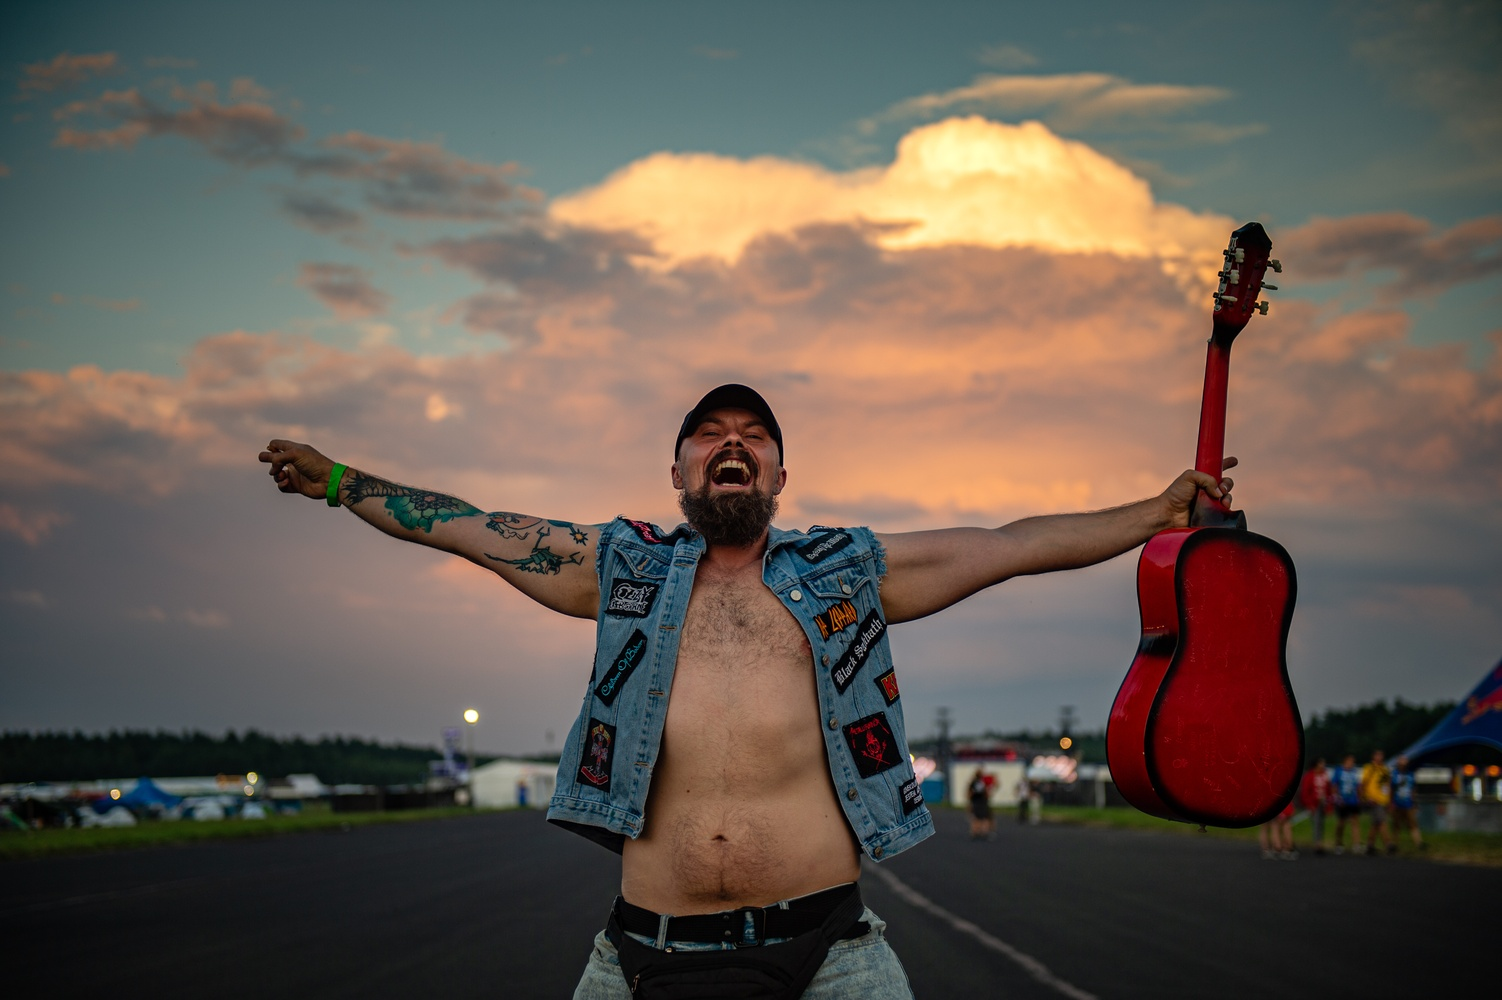 Festiwalowicz z gitarą na 27. Pol'and'Rock Festival. fot. Paweł Krupka